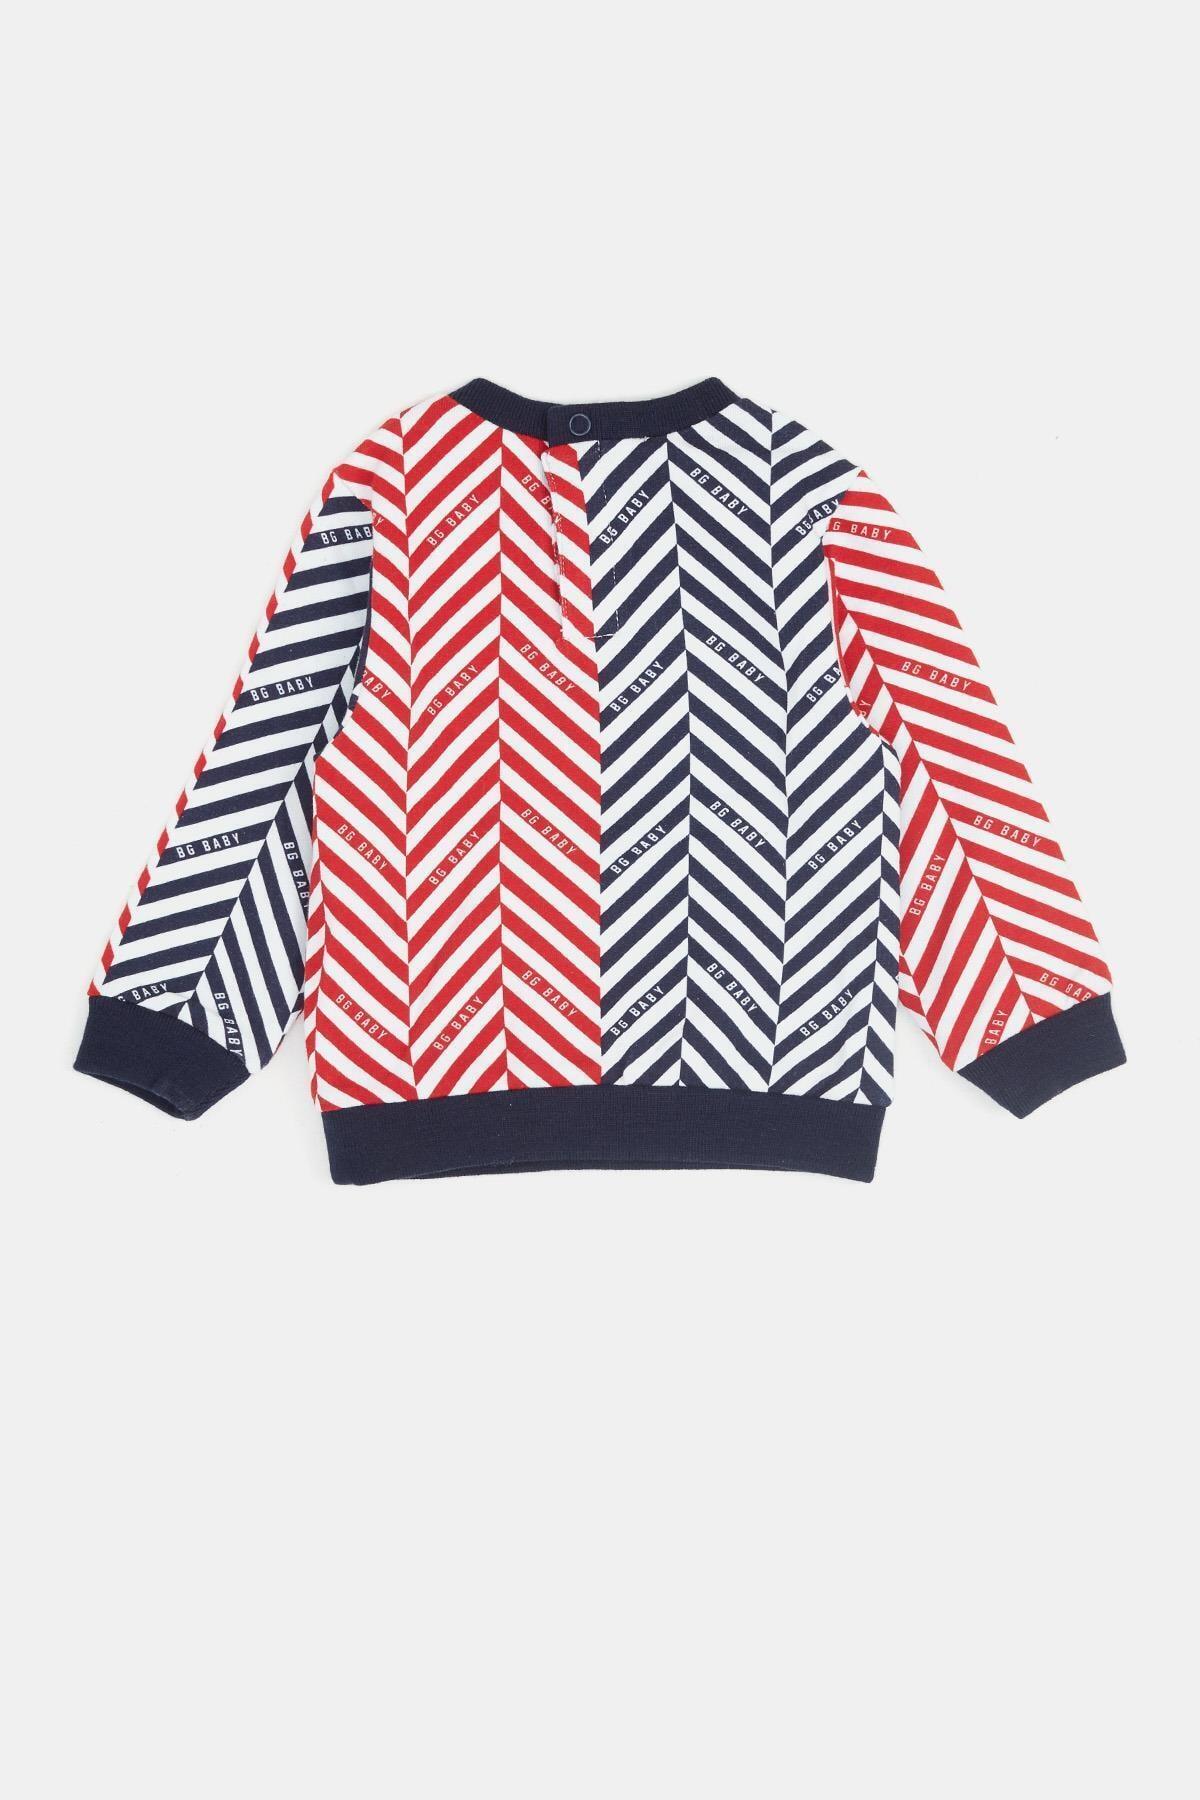 BG Baby Erkek Bebek Desenli S-shirt 20fw0bg1431 2